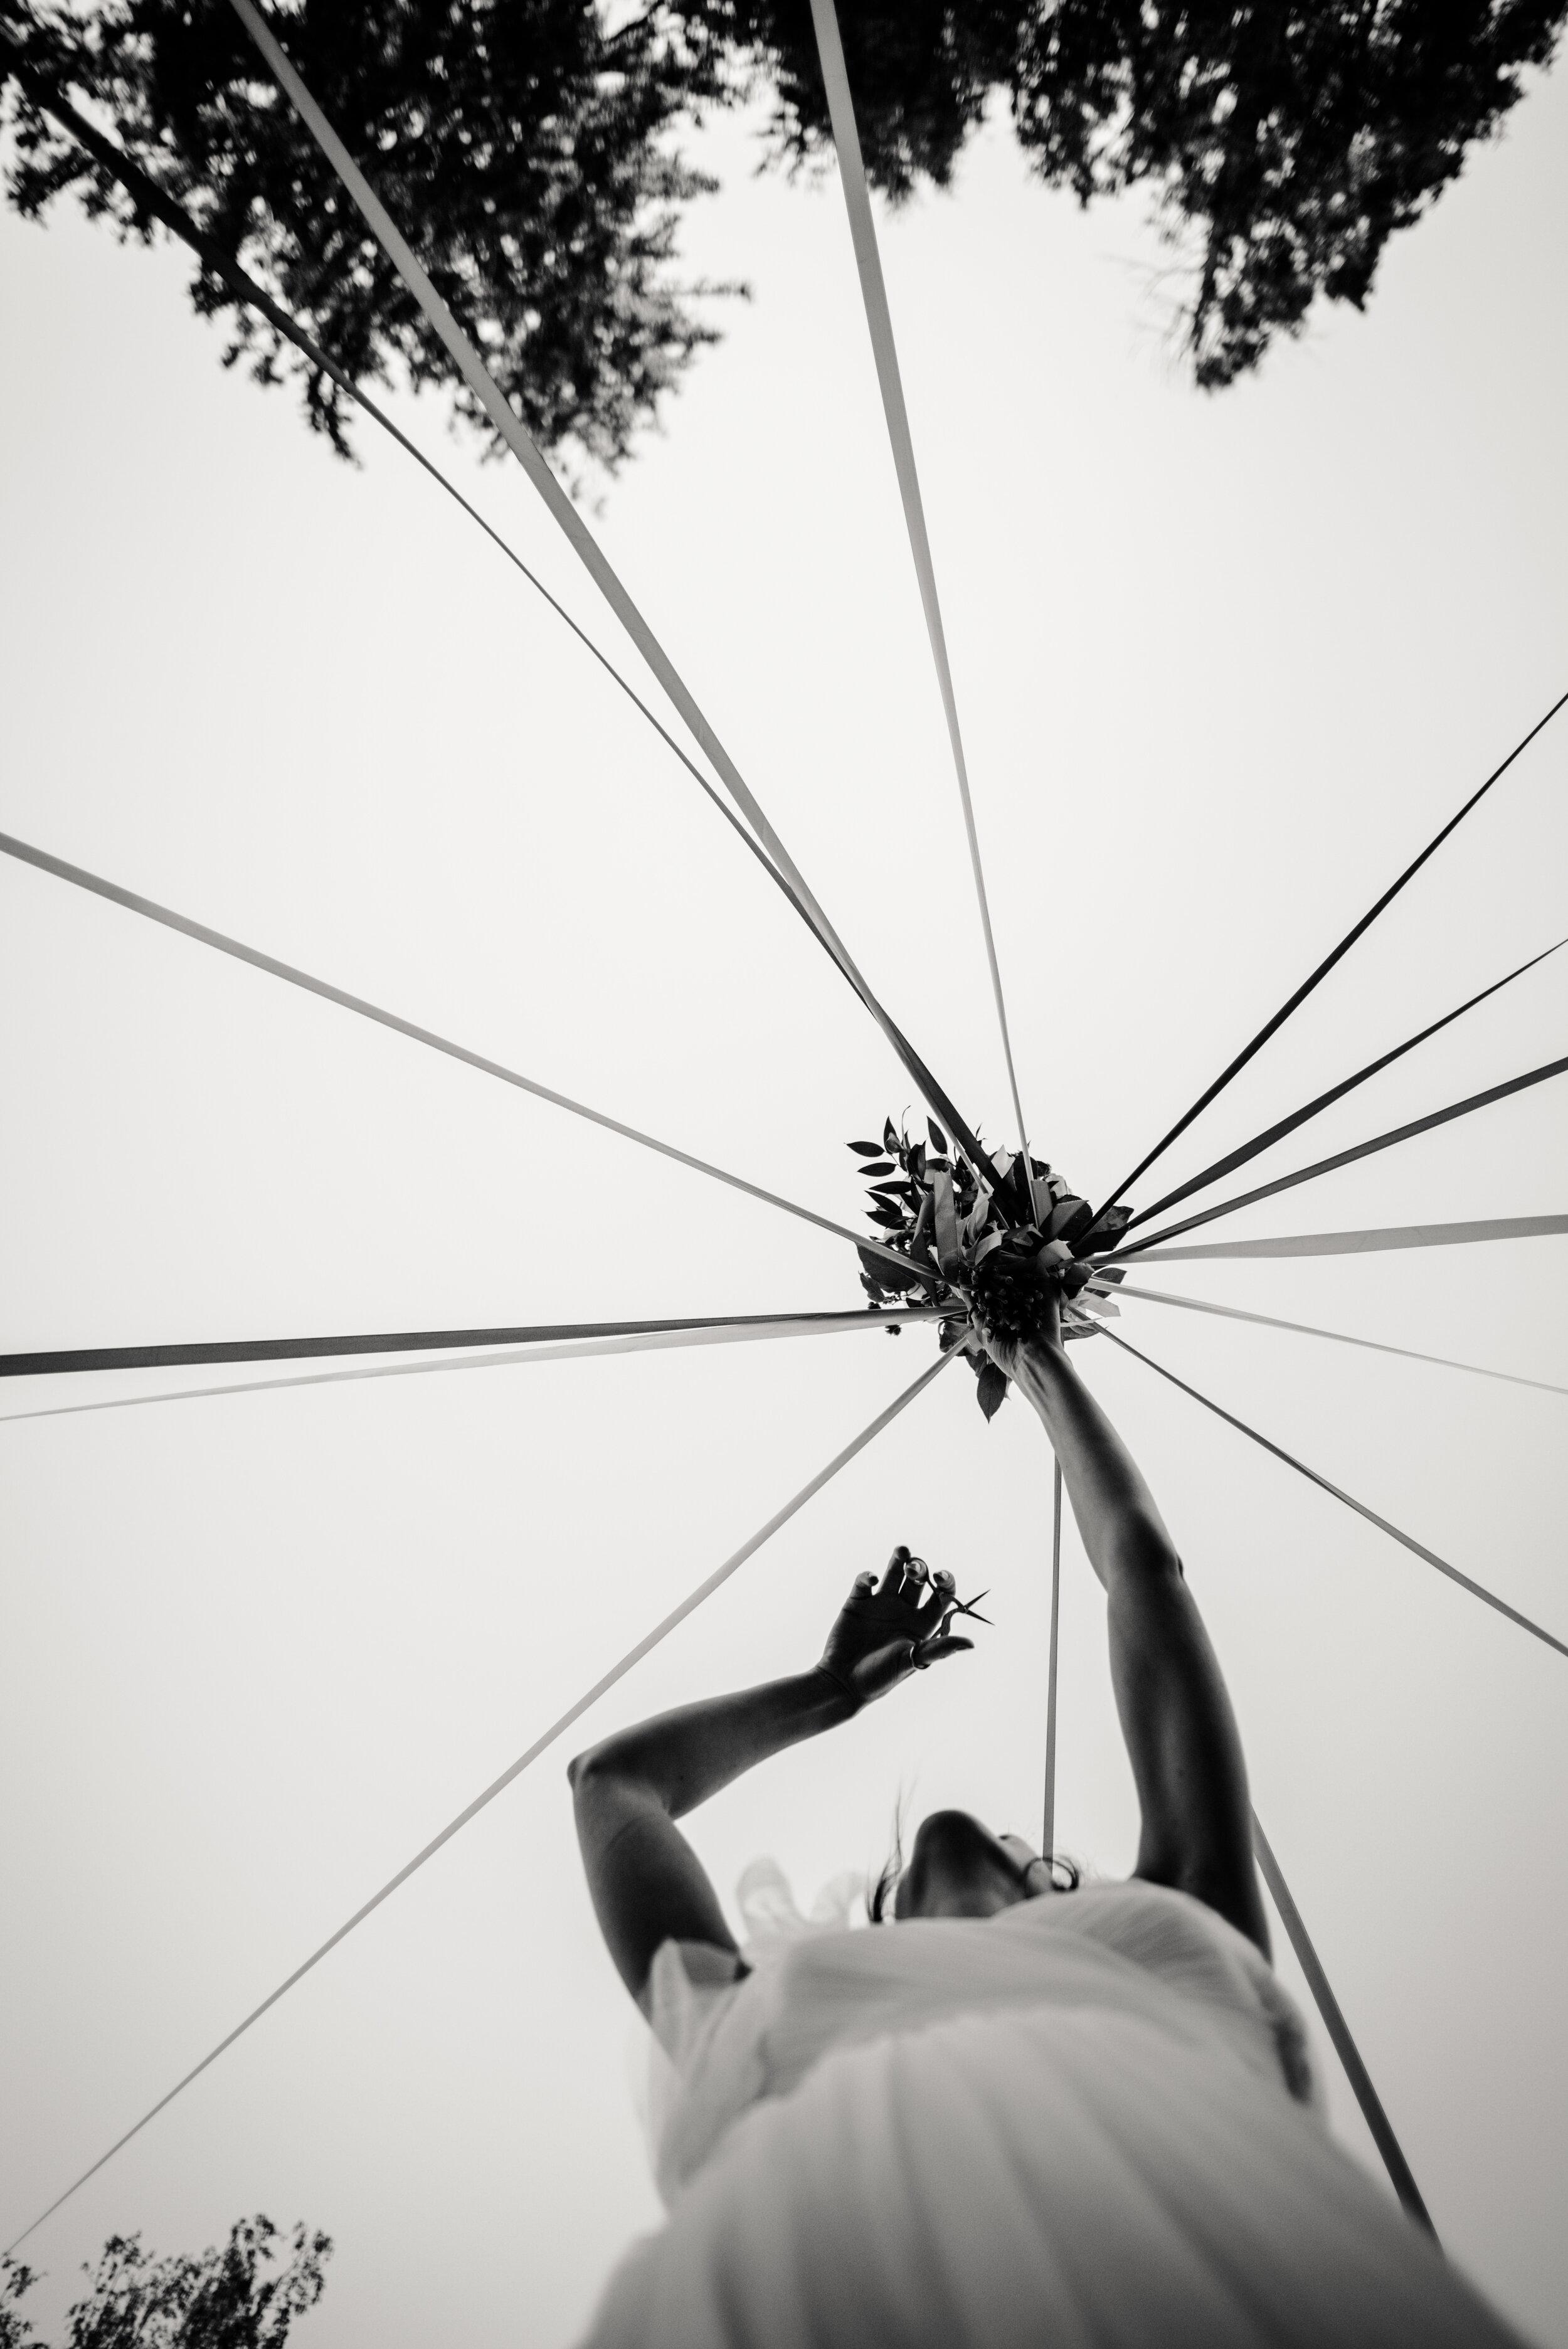 Léa-Fery-photographe-professionnel-lyon-rhone-alpes-portrait-creation-mariage-evenement-evenementiel-famille--64.jpg